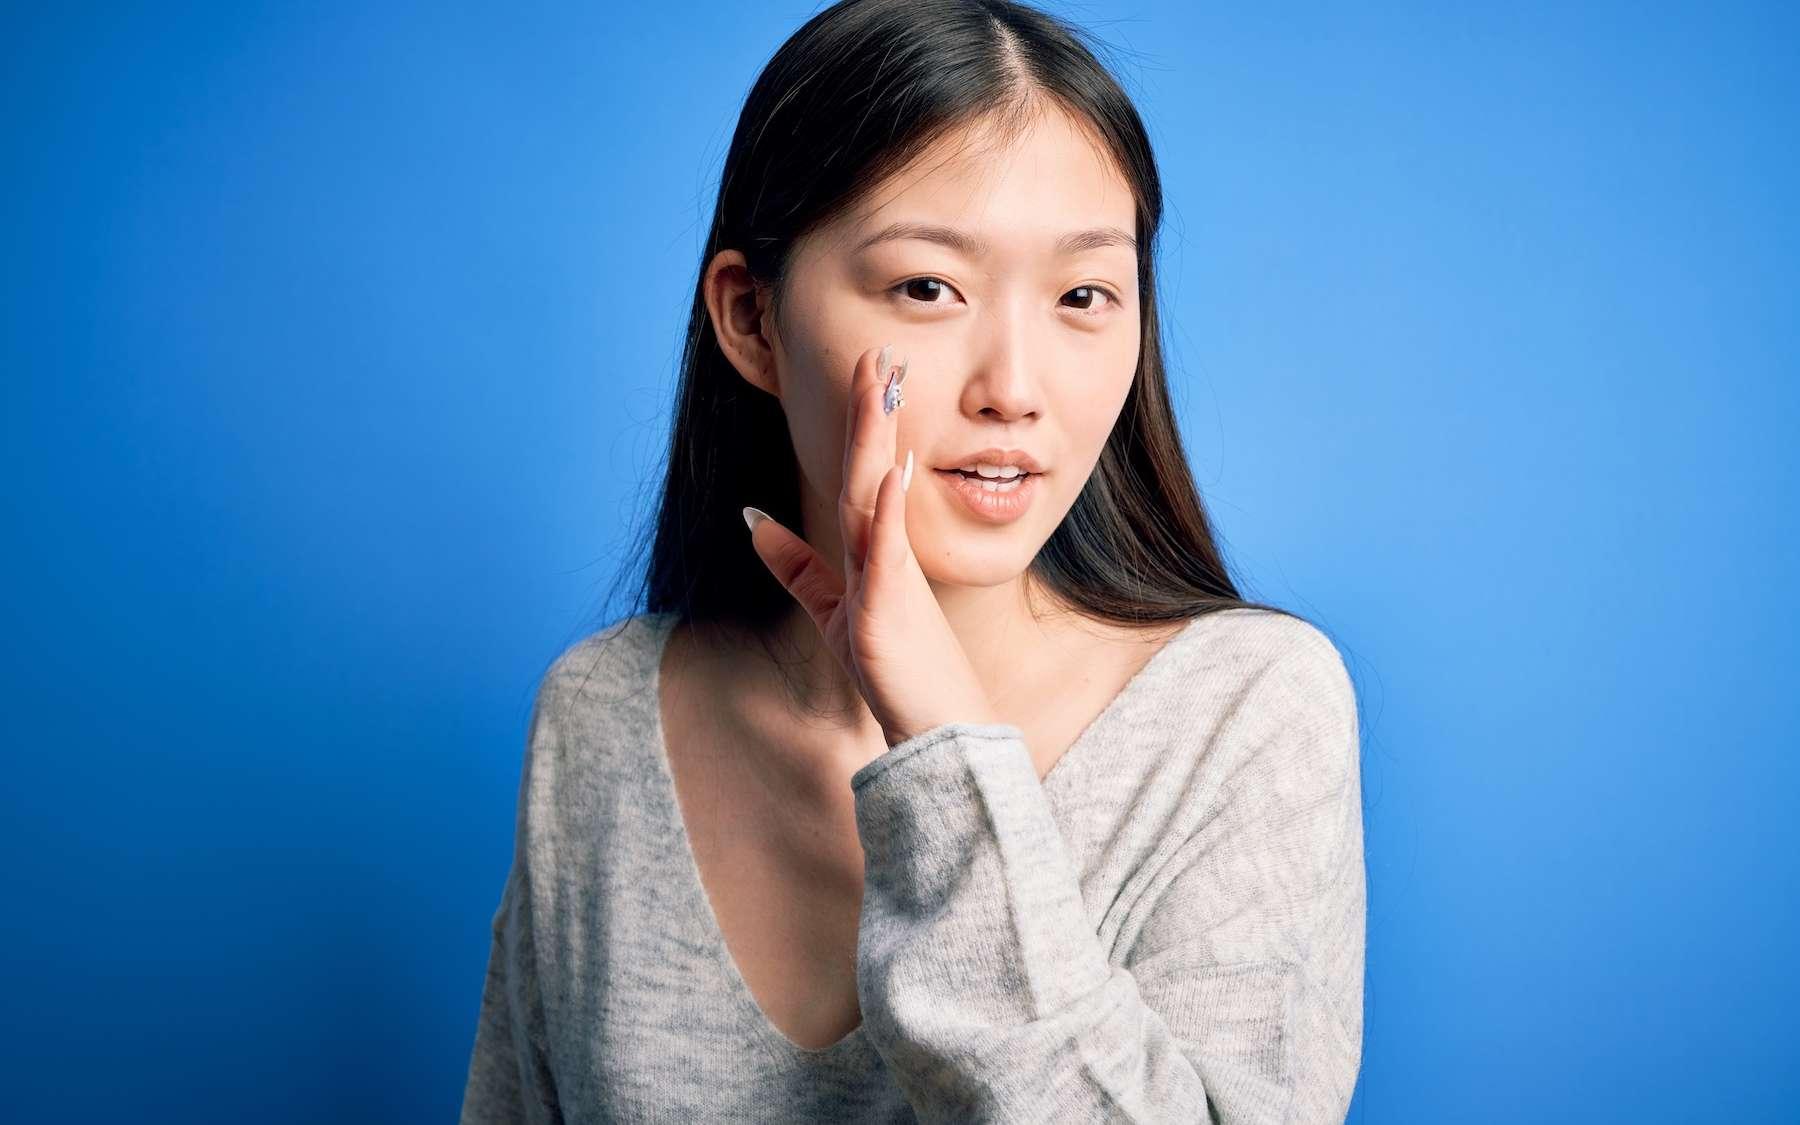 La langue japonaise, moins susceptible de propager les virus ? © Krakenimages.com, Adobe Stock